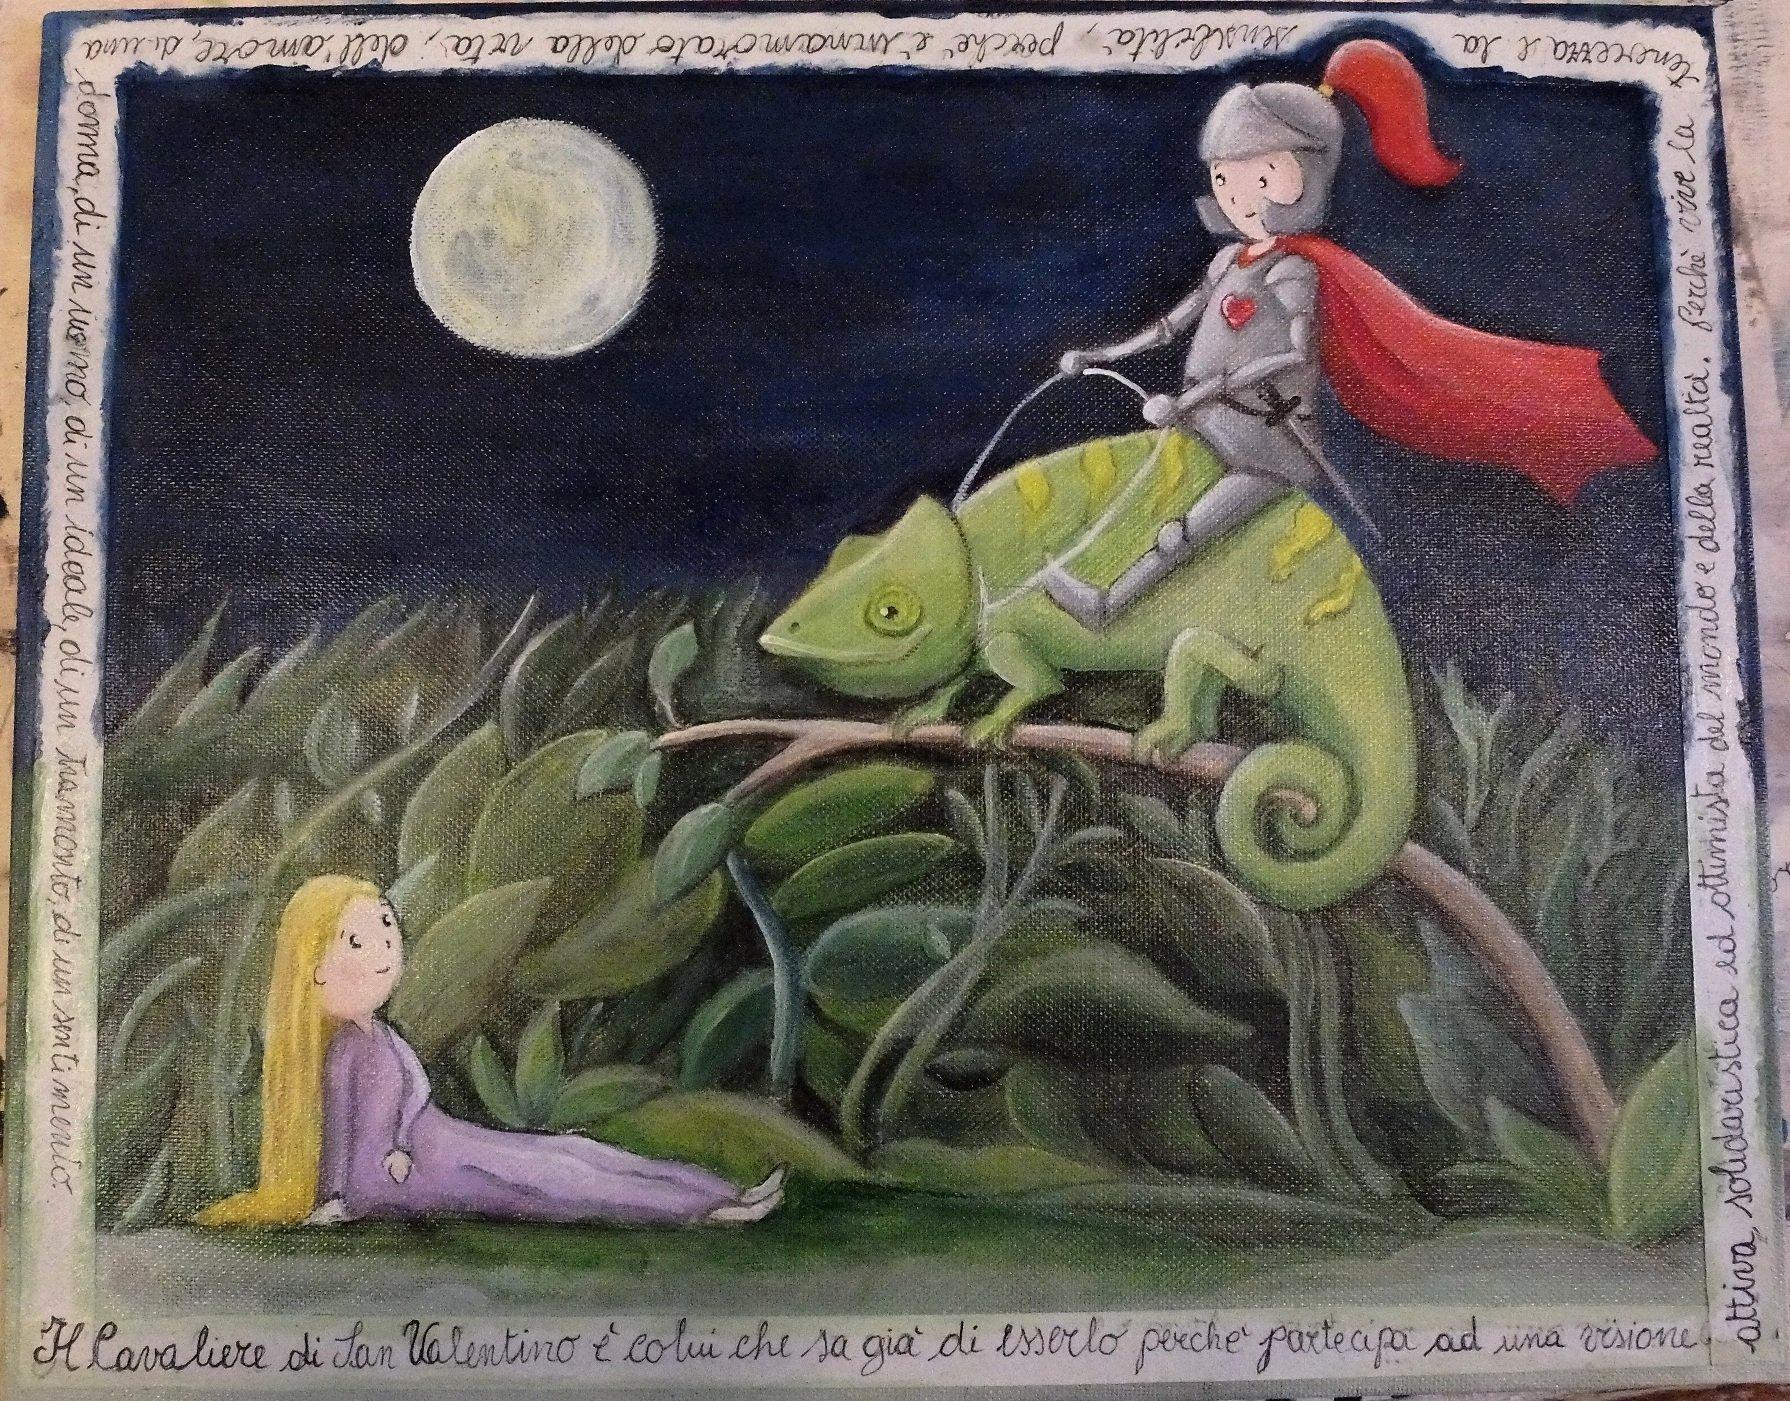 Cavaliere camaleonte donna Claudia Fachinetti